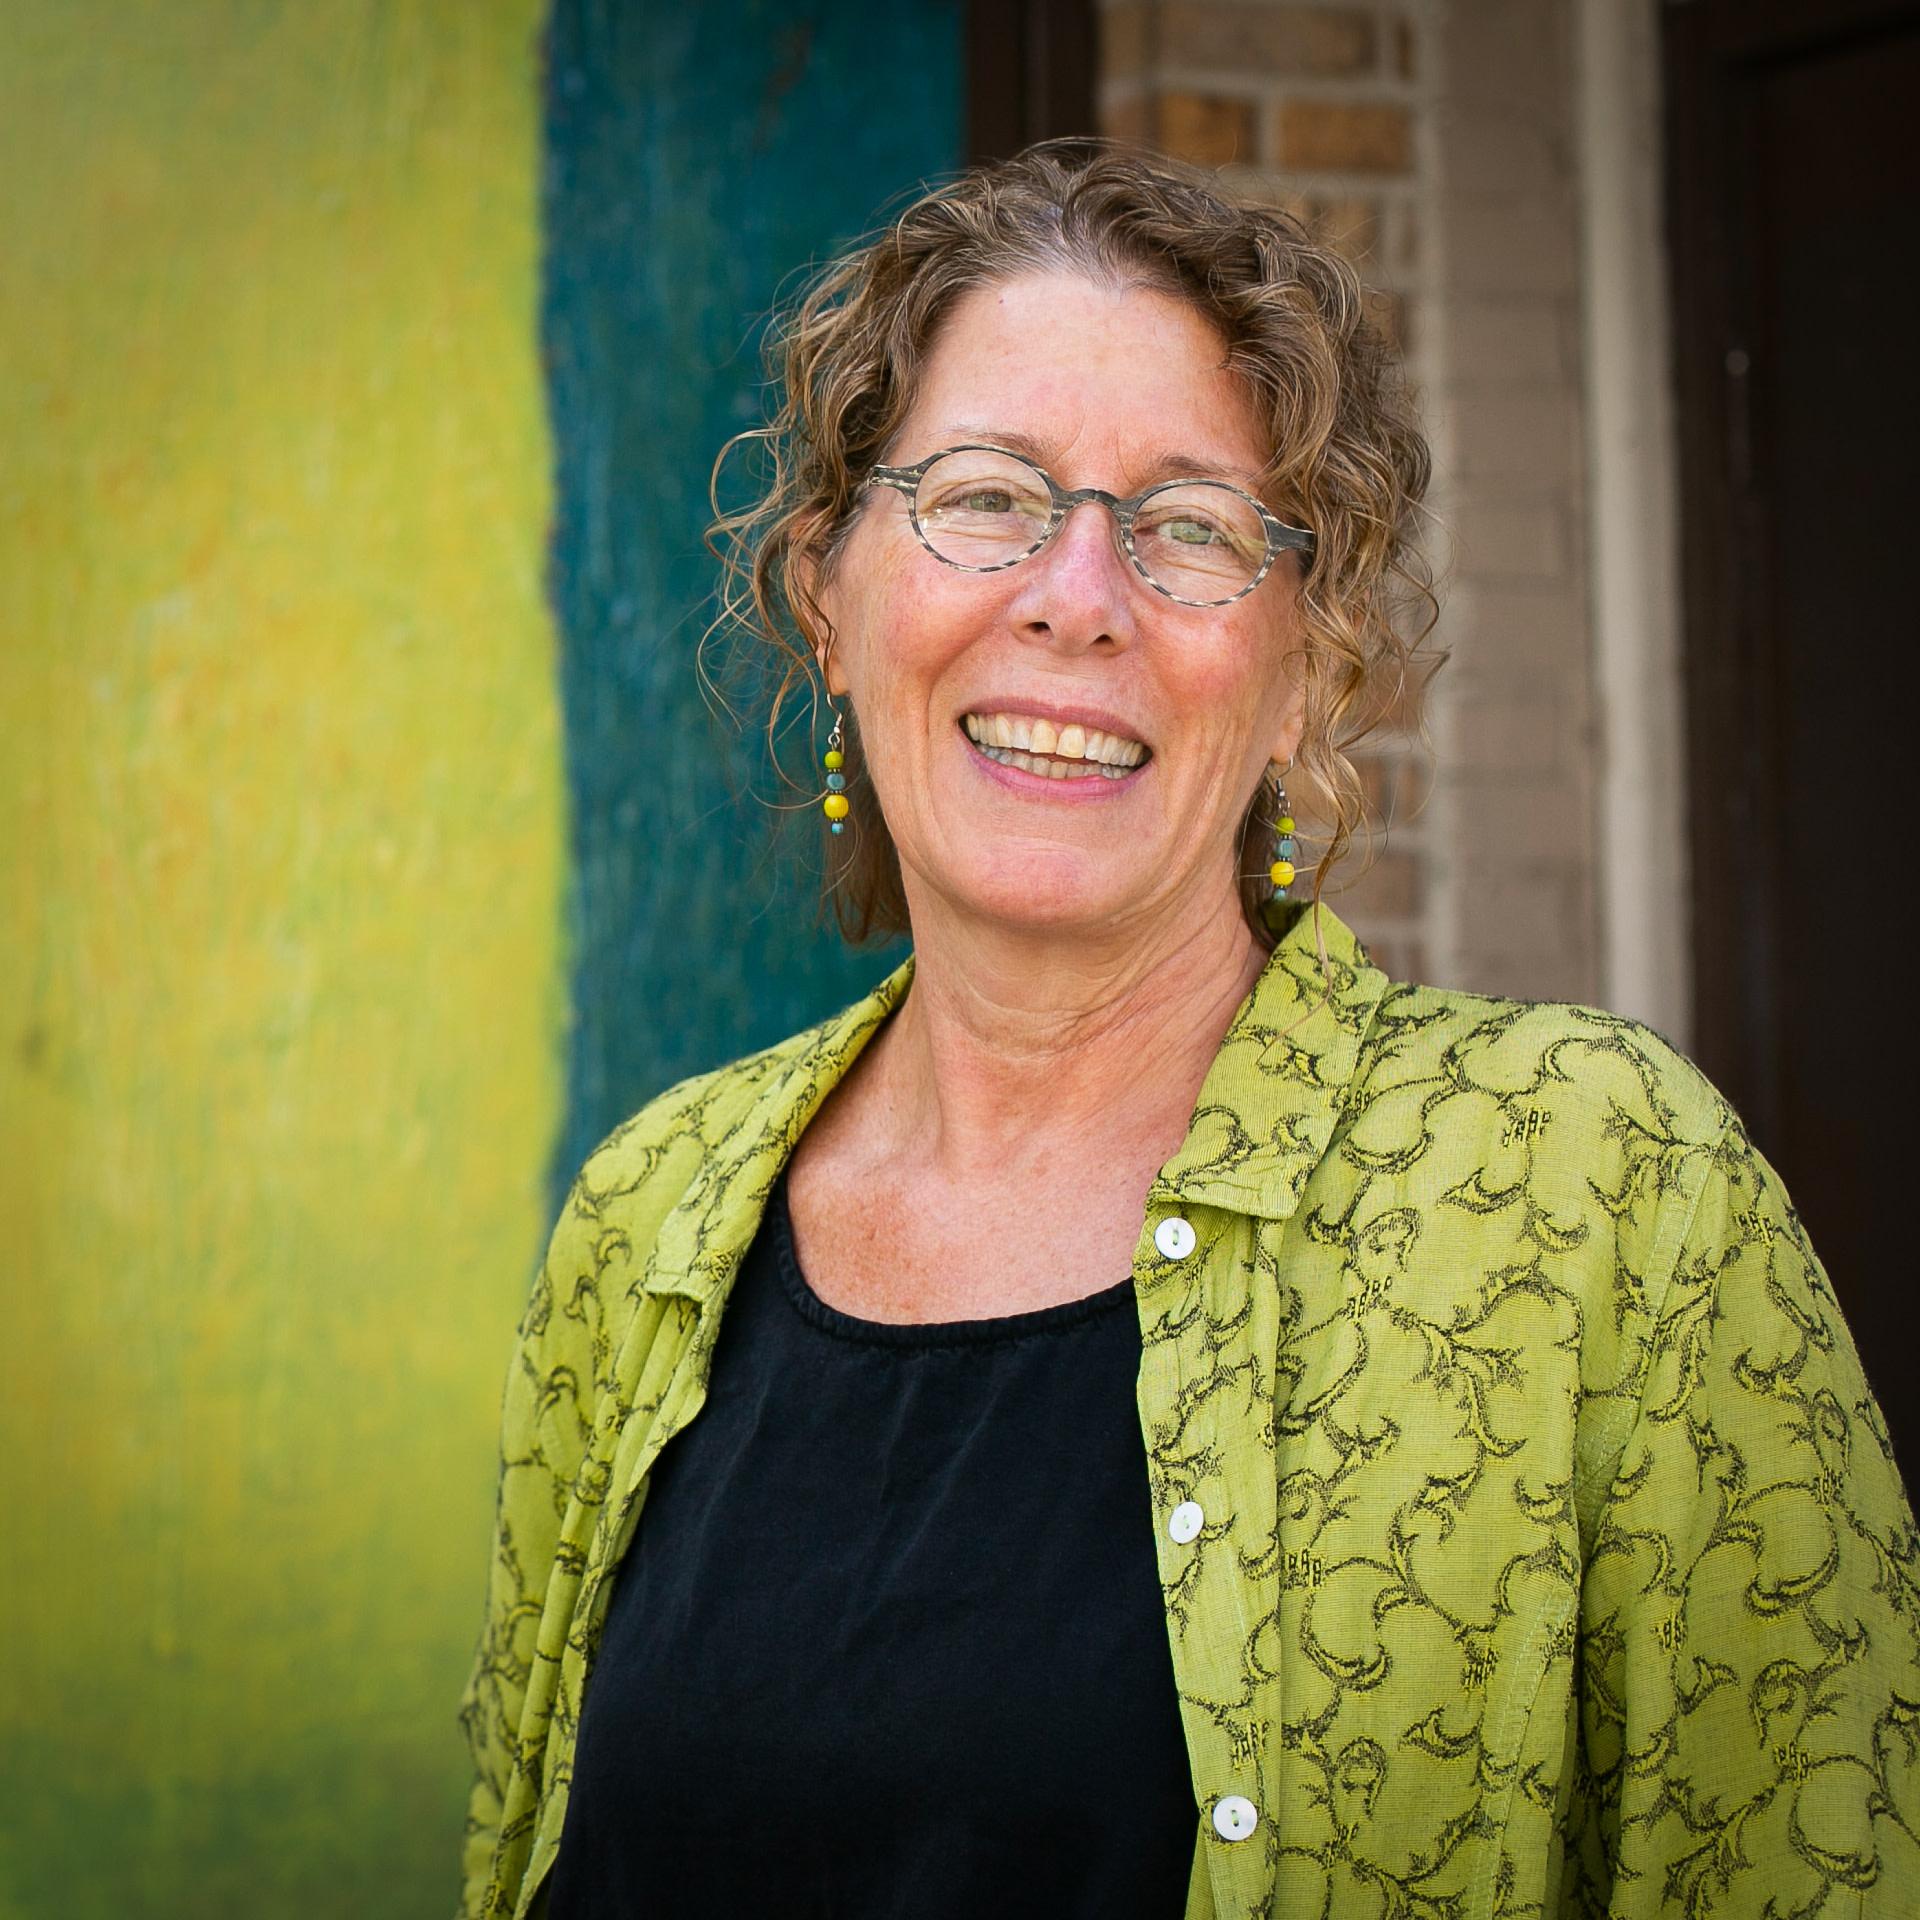 About Katherine Steichen Rosing